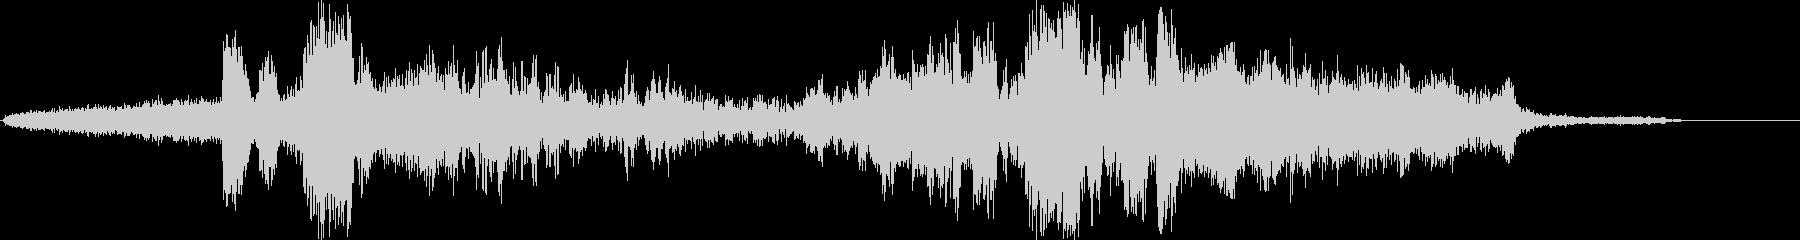 静的変化、小さなモーフ、データシフ...の未再生の波形